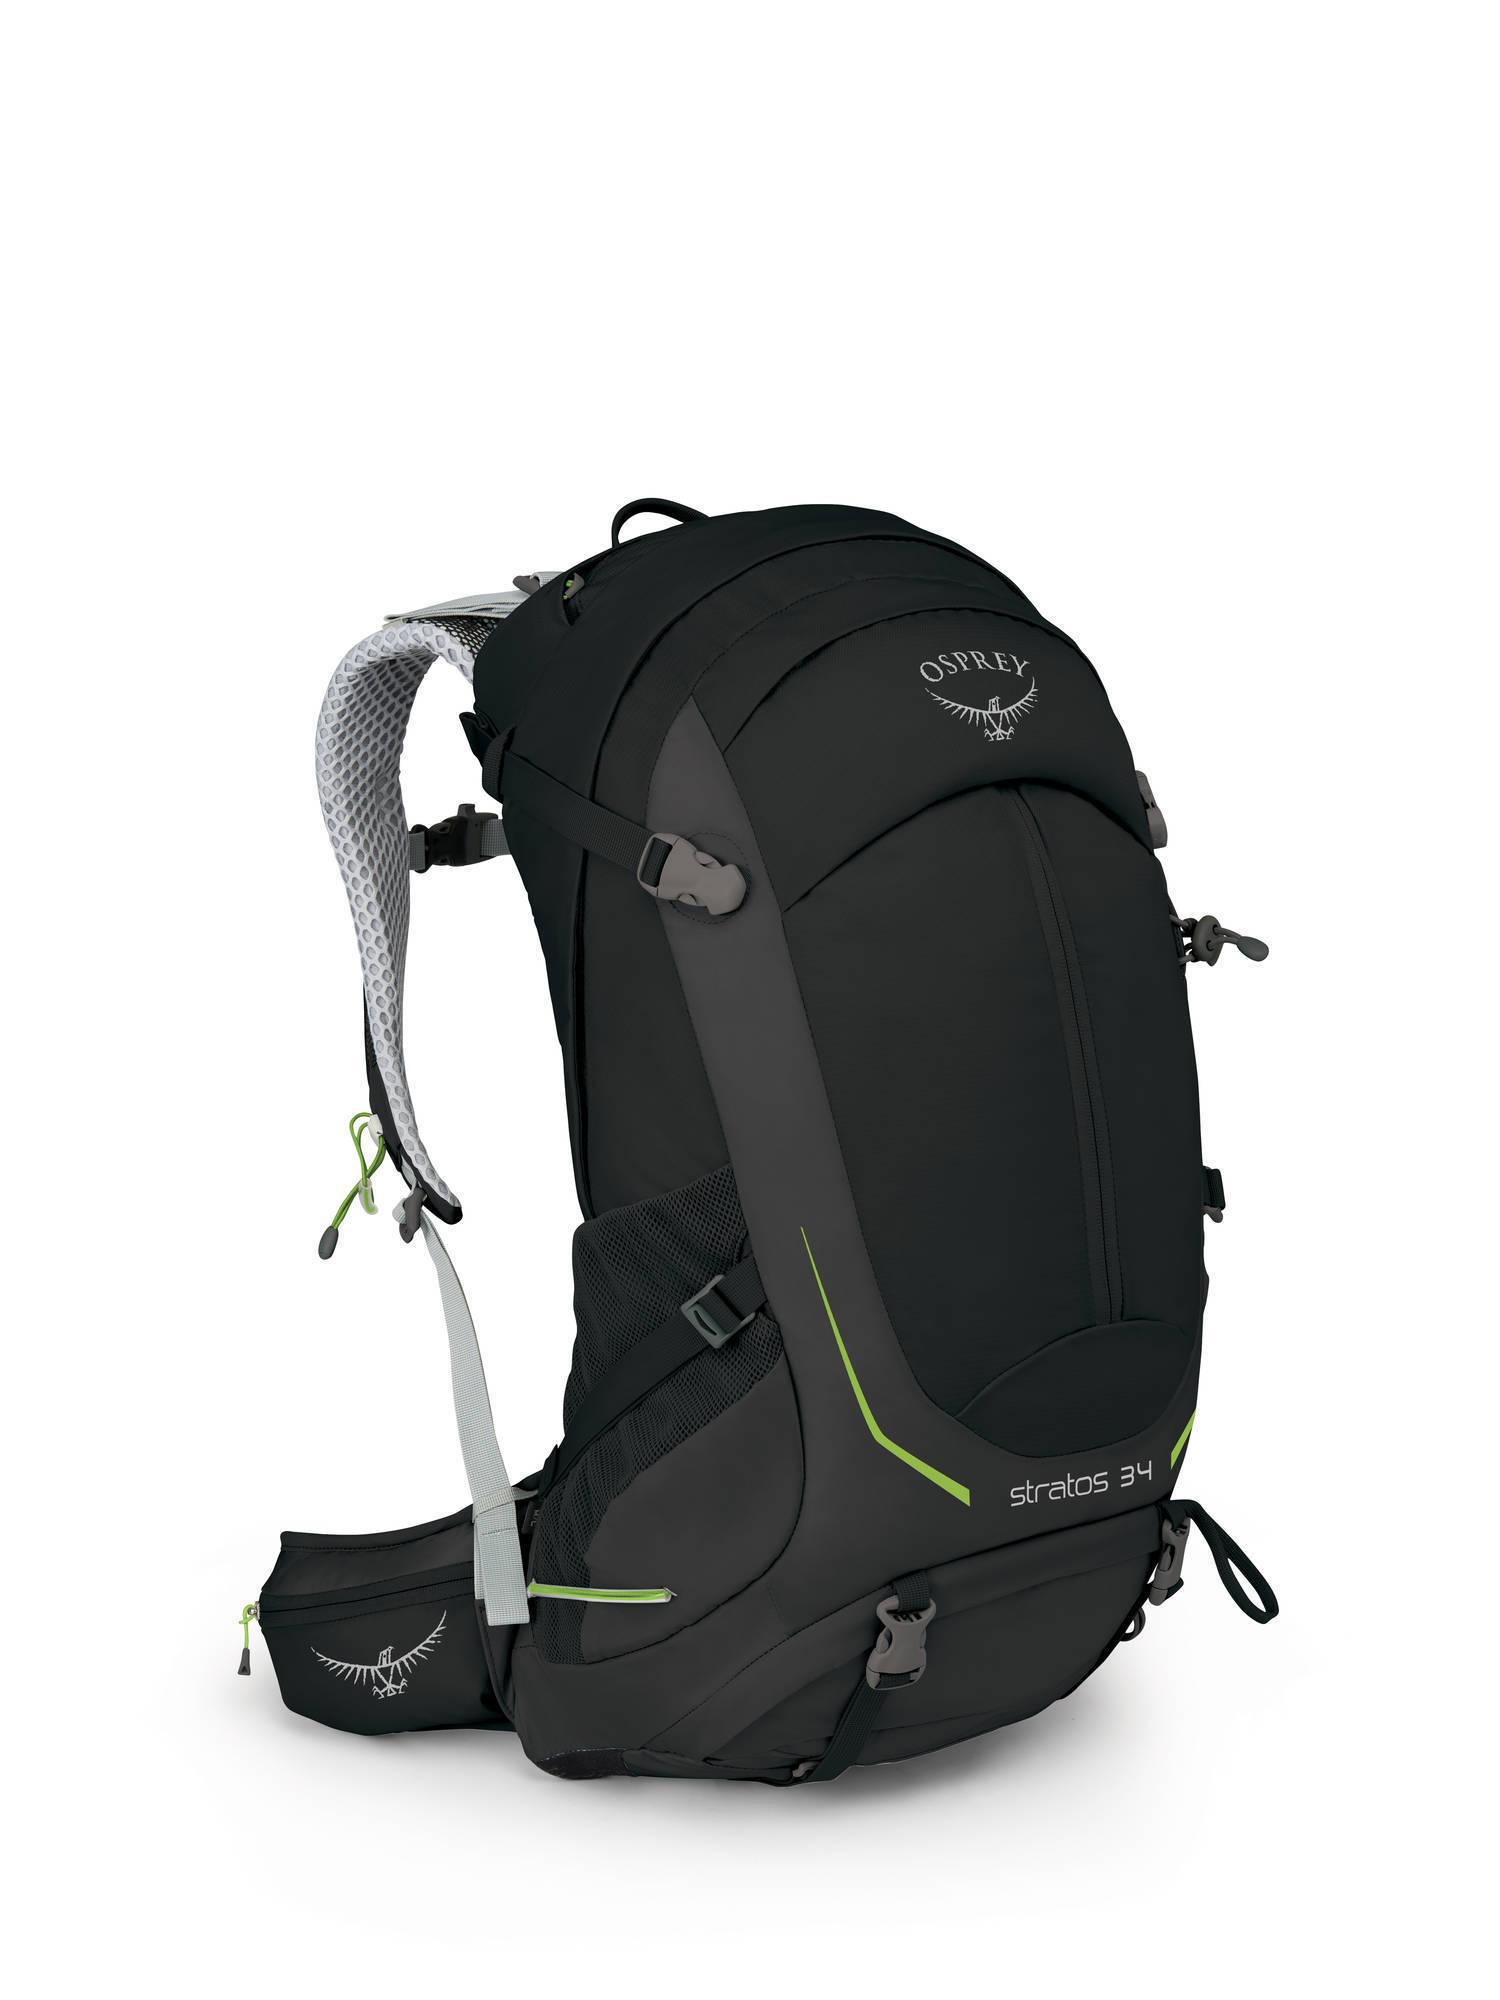 Удобством для детей отличаются рюкзаки с регулирующейся высотой сидения идеальный дорожные сумки на колесах недорогие